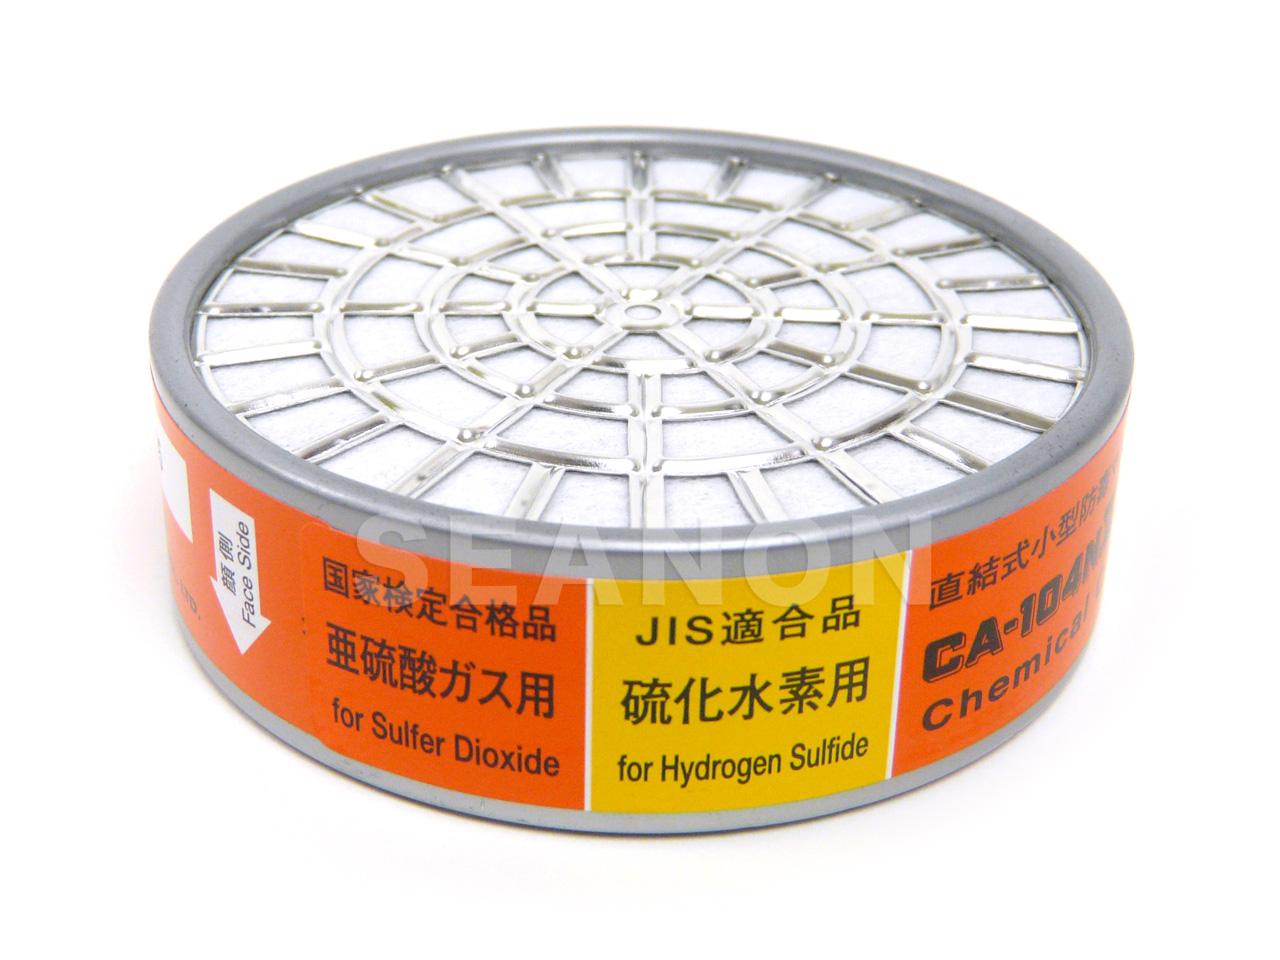 火山ガス対策マスク用 吸収缶(...